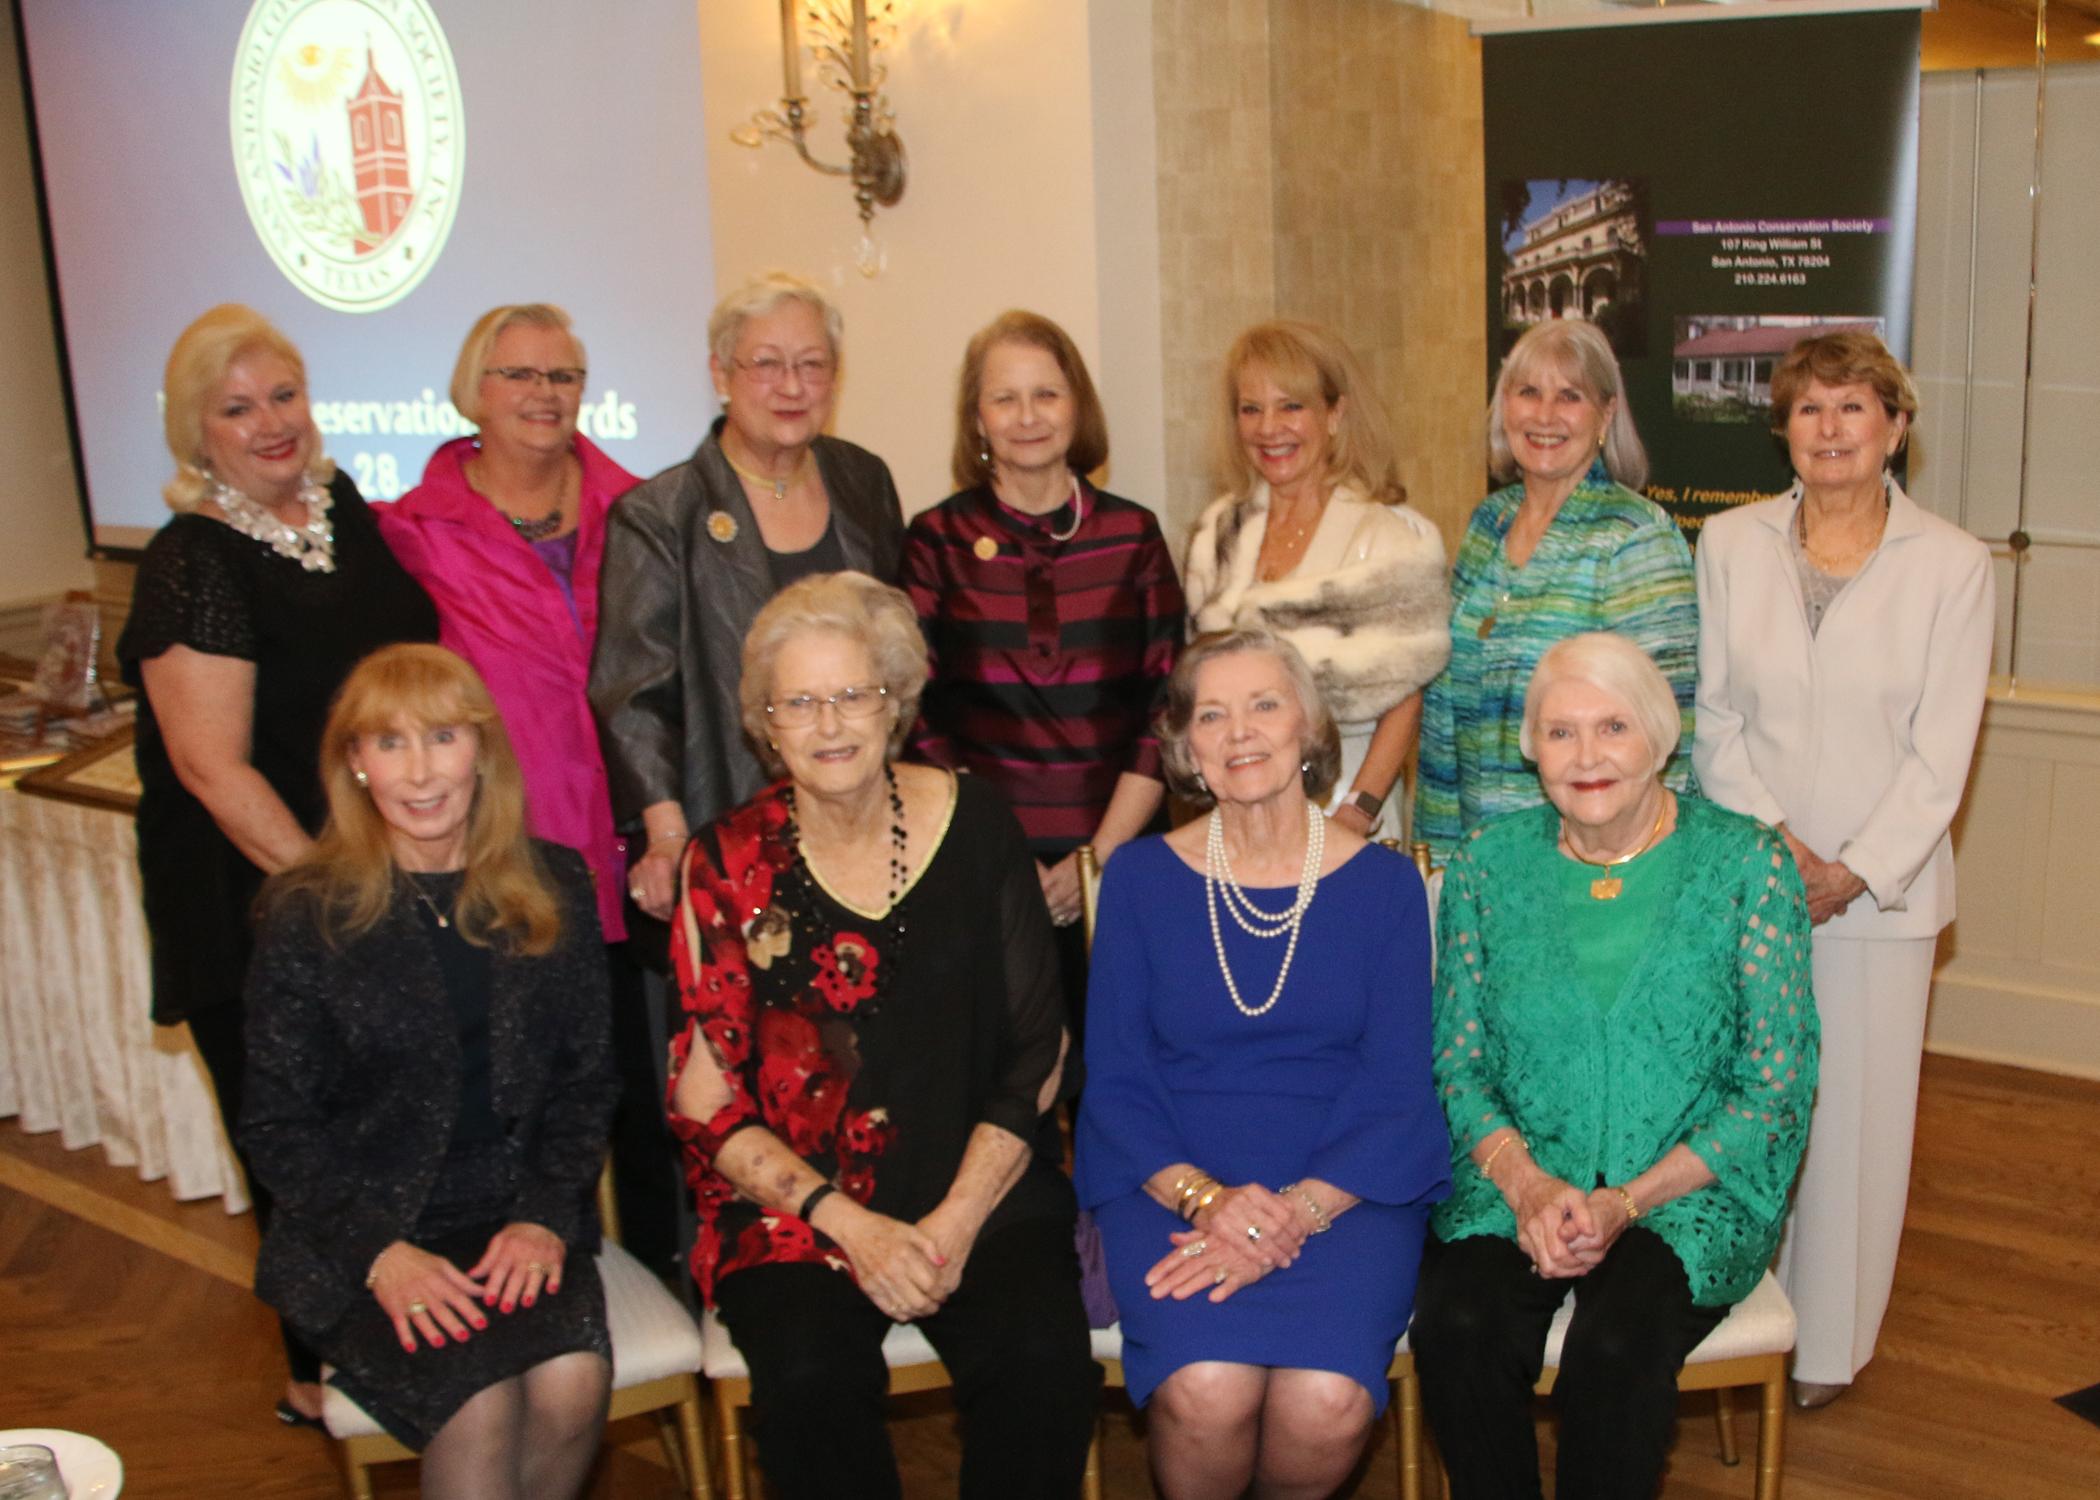 Board of Directors - San Antonio Conservation Society